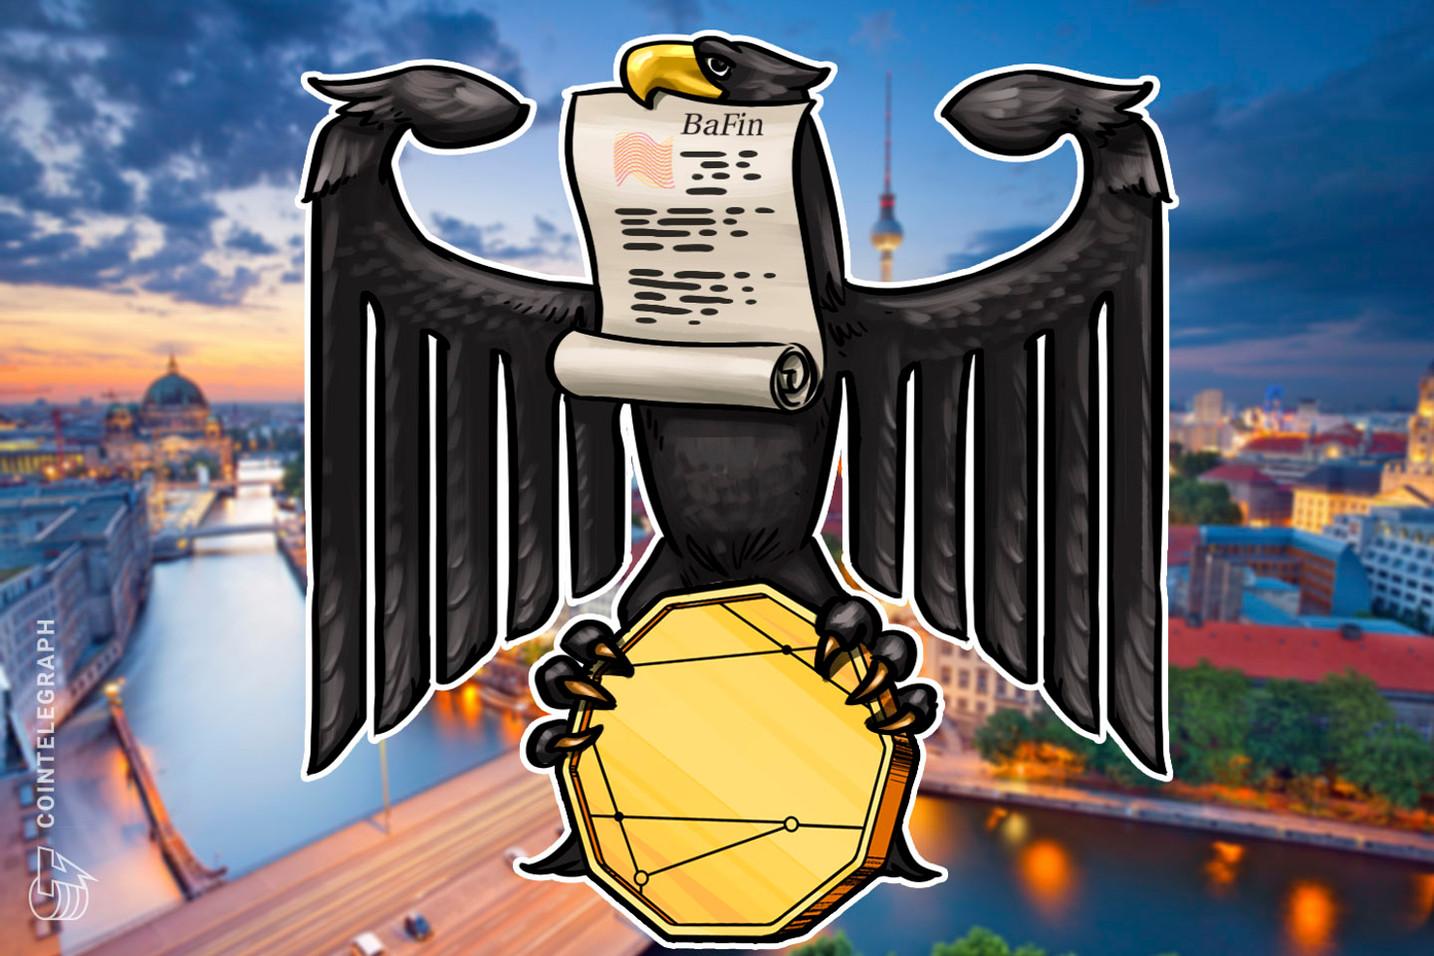 ドイツの規制当局が仮想通貨を「金融商品」と認める発表|全てのデジタル資産が対象に【ニュース】